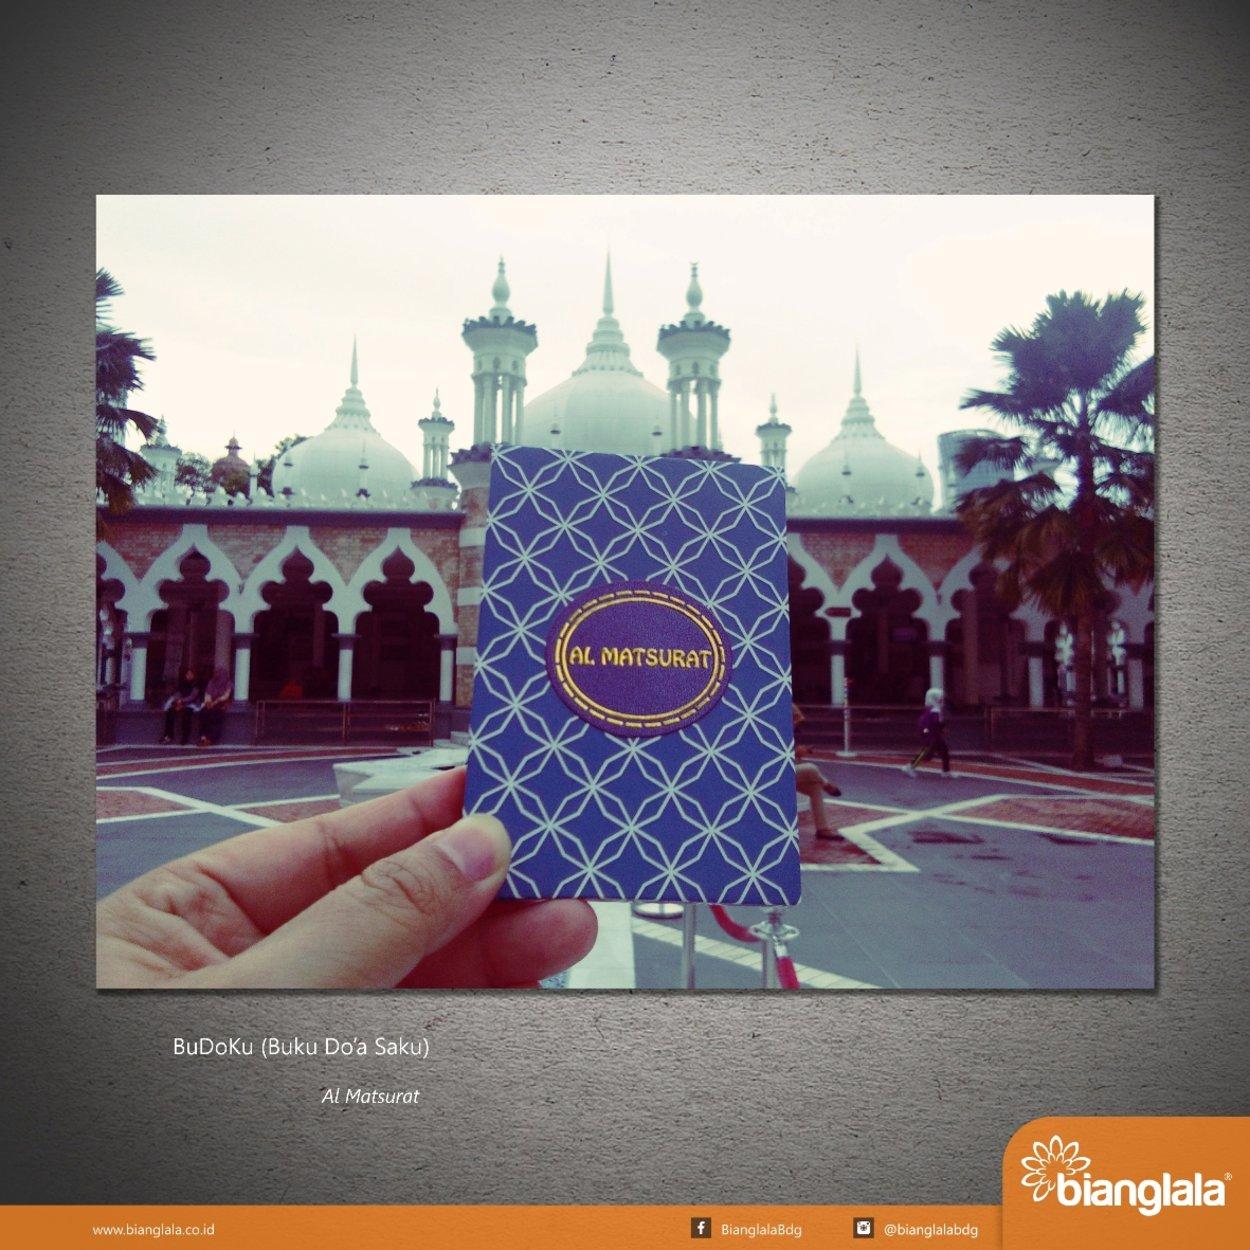 Budoku Buku Doa Saku Goes To Kuala Lumpur Do A Cover Al Matsurat Hasan Bana Content Ig Sabtu3 Mei Week 3 2918